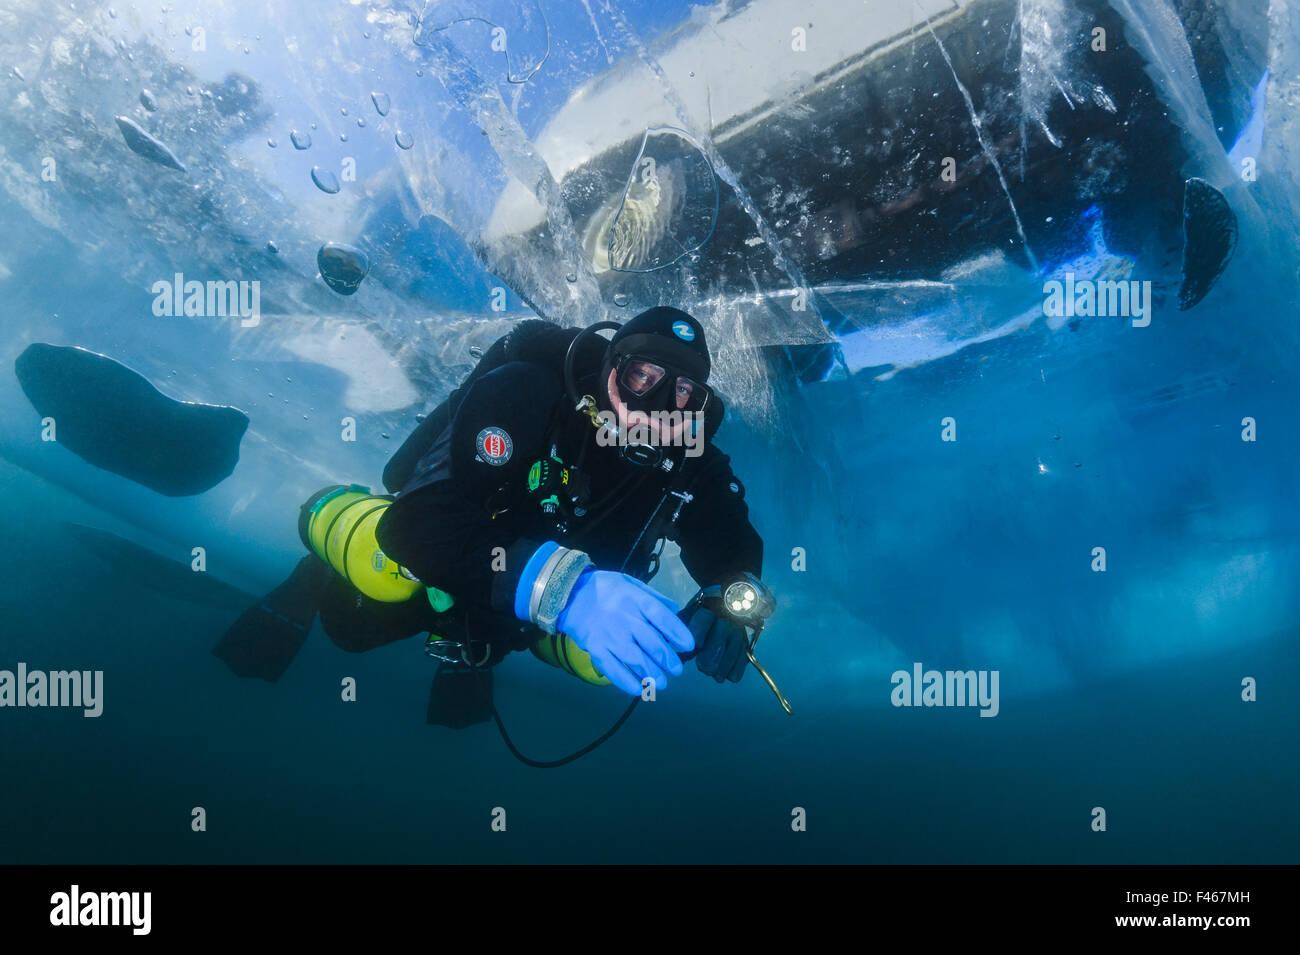 Taucher schwimmt unter transparente Eis (1m dick) mit Minivan oben sichtbar. Baikalsee, Russland, März 2012. -Modell Stockfoto